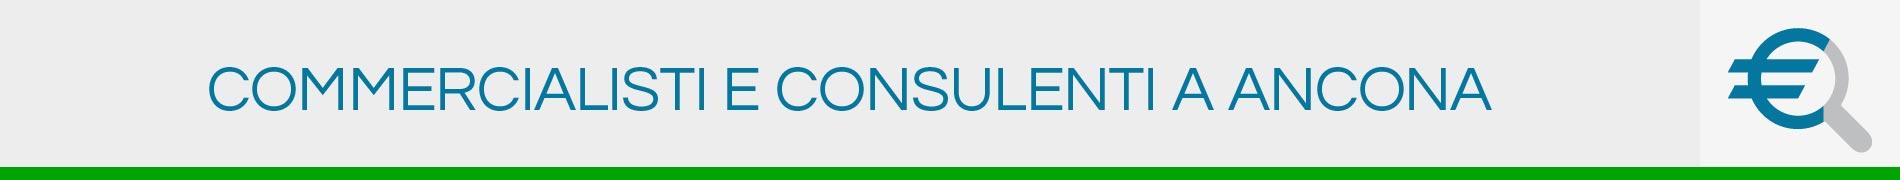 Commercialisti e Consulenti a Ancona